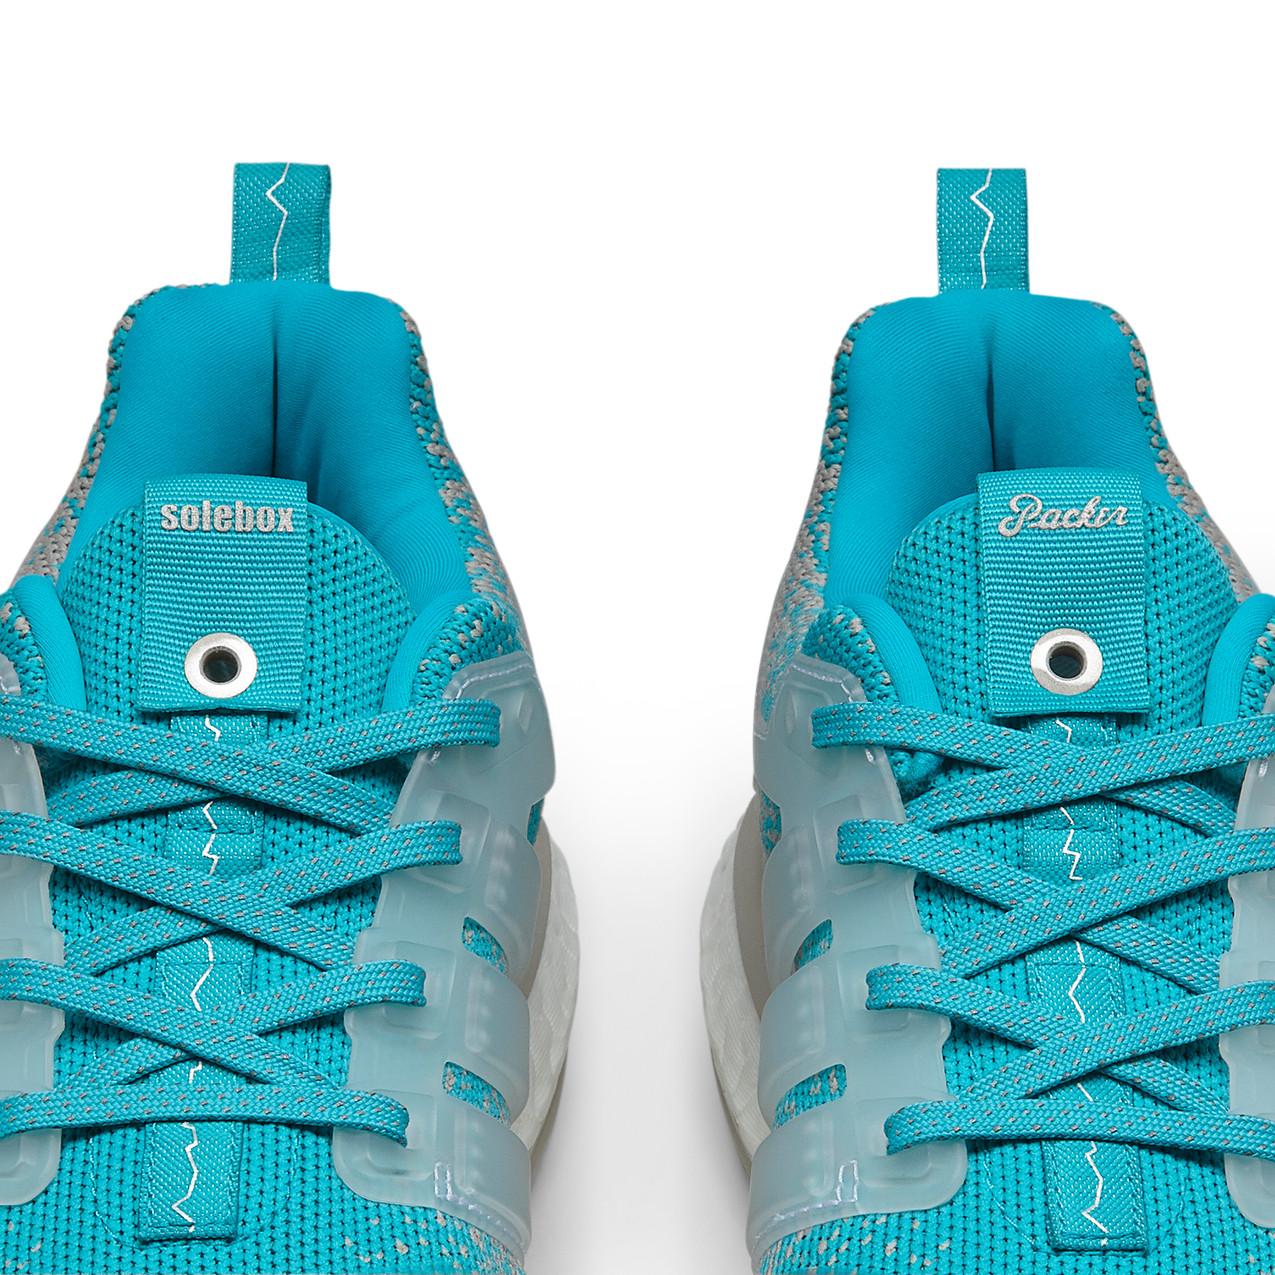 adidas Originals_Consortium_Packer X Solebox_TENIS ENERGY BOOST SE_R$699,99 (4)